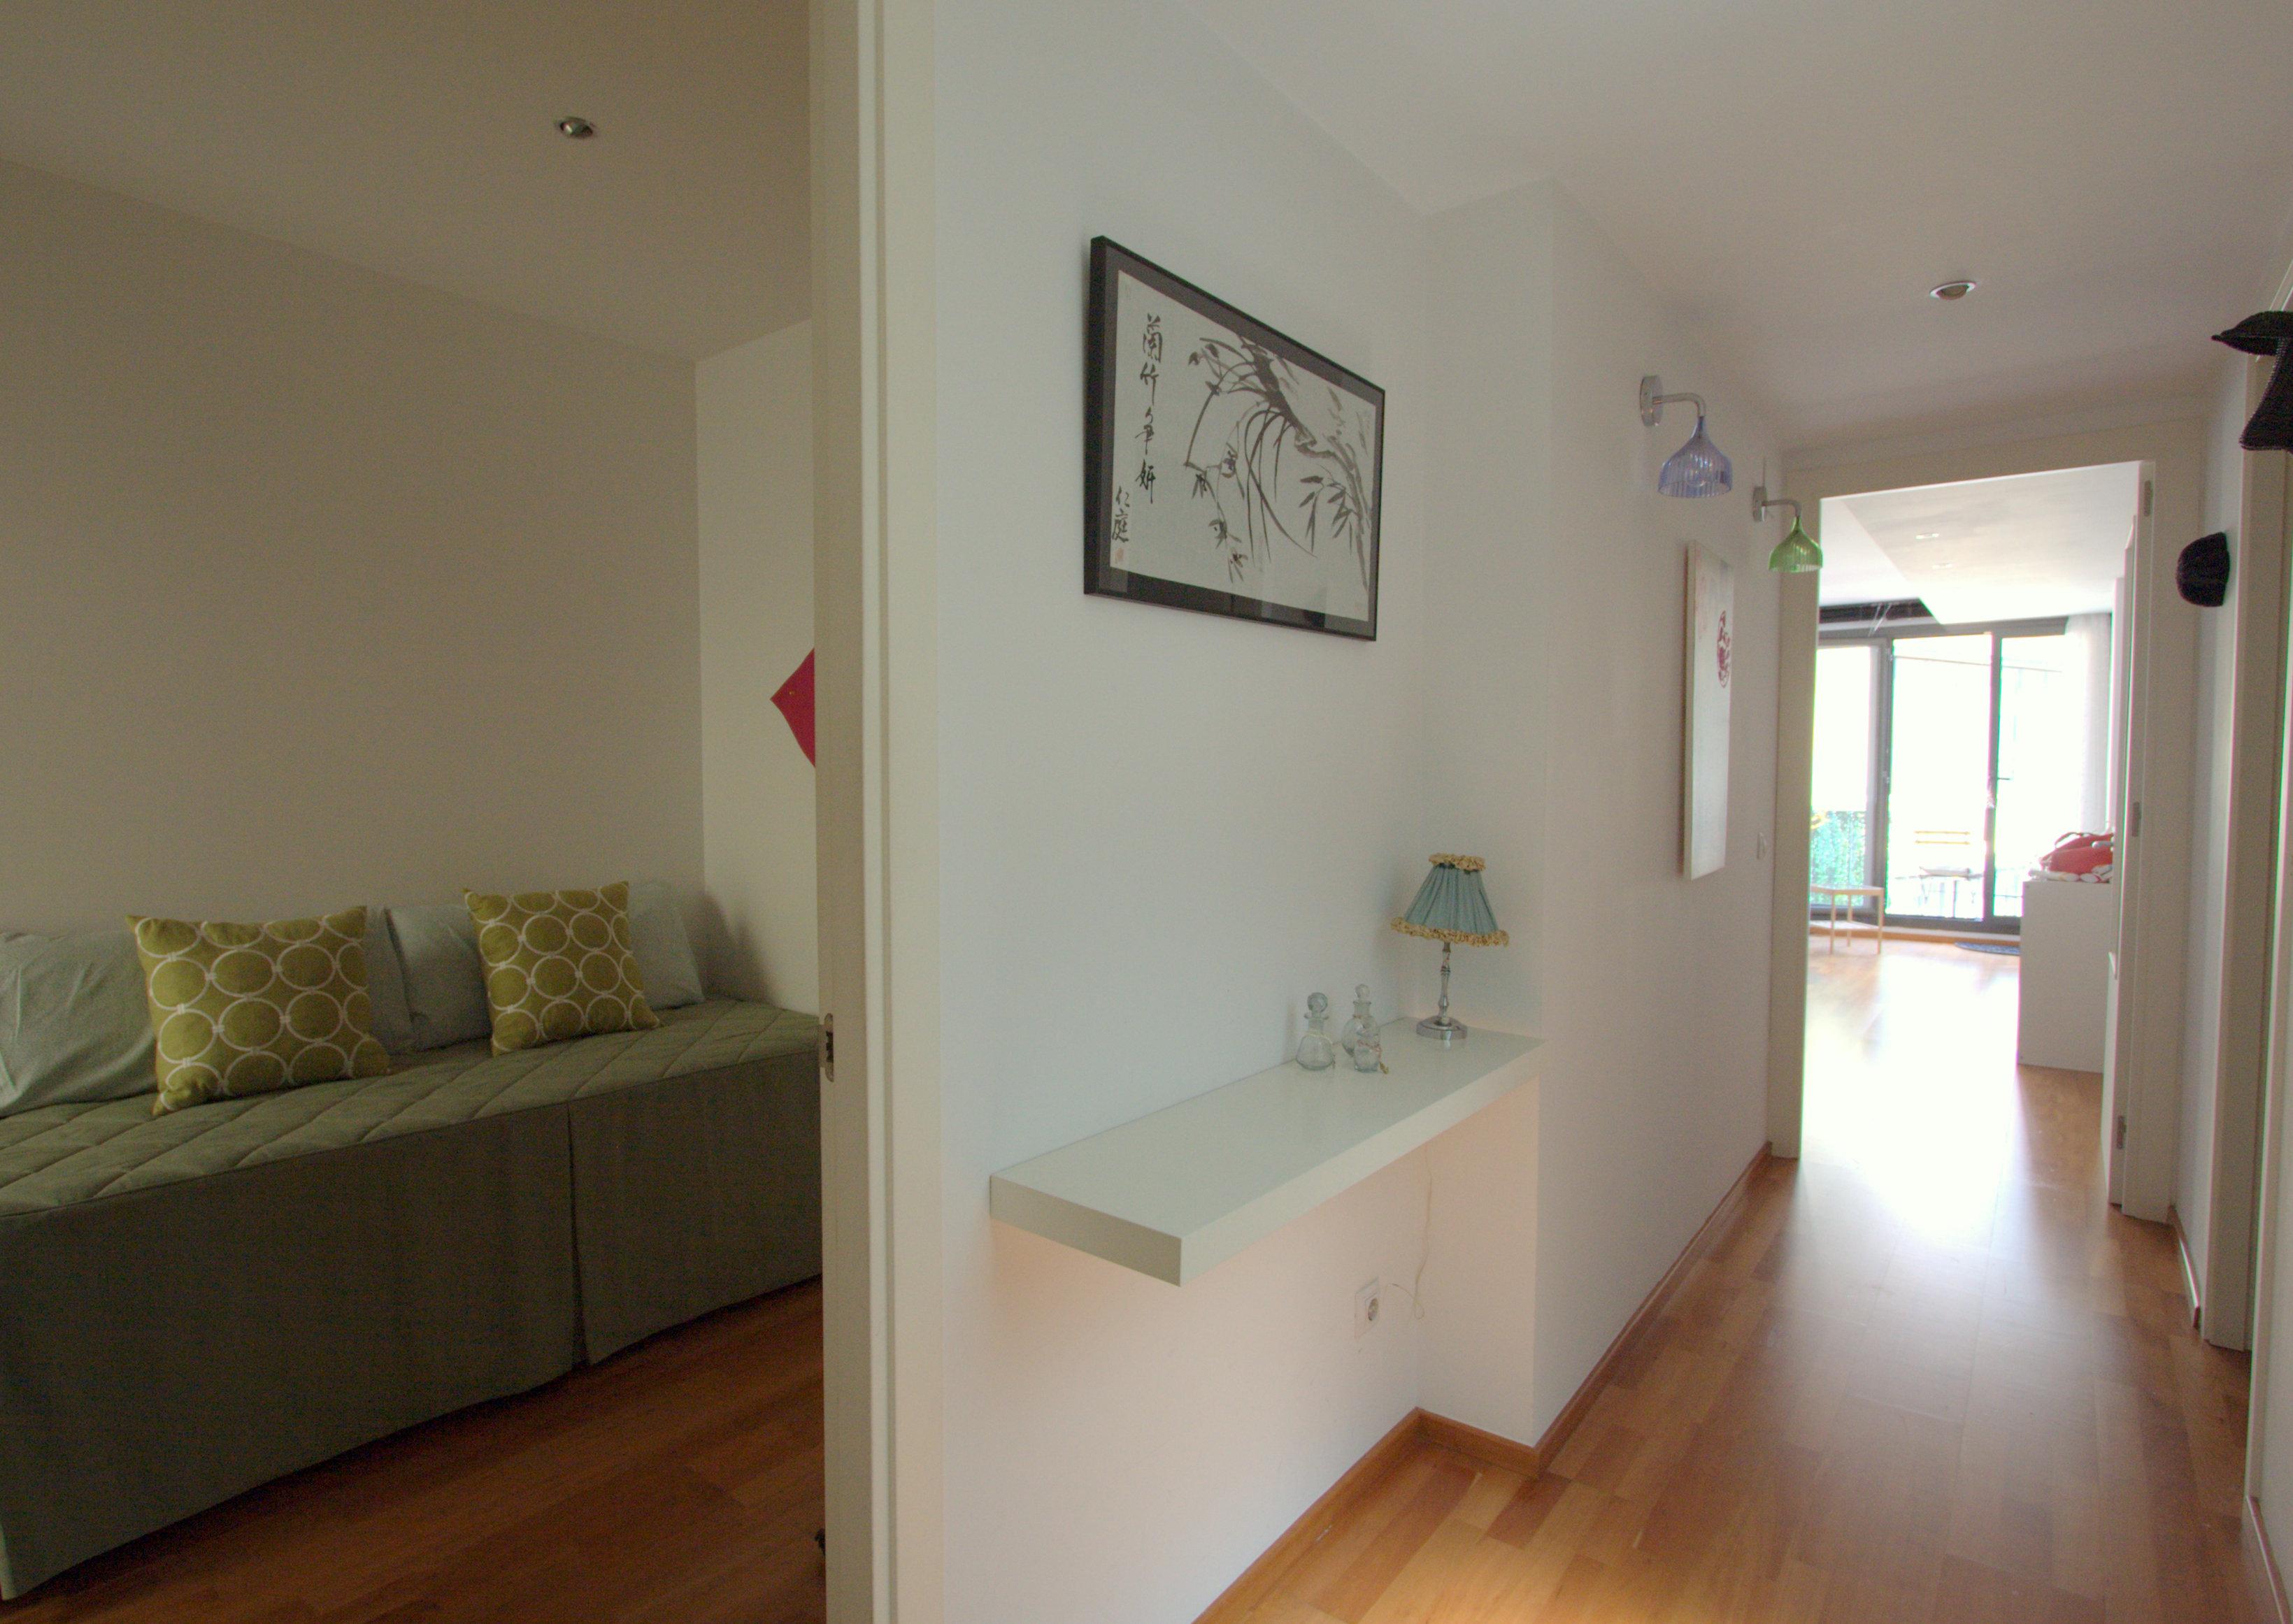 Easyapartmentrental delizioso appartamento di 2 camere for Affitti brevi barcellona